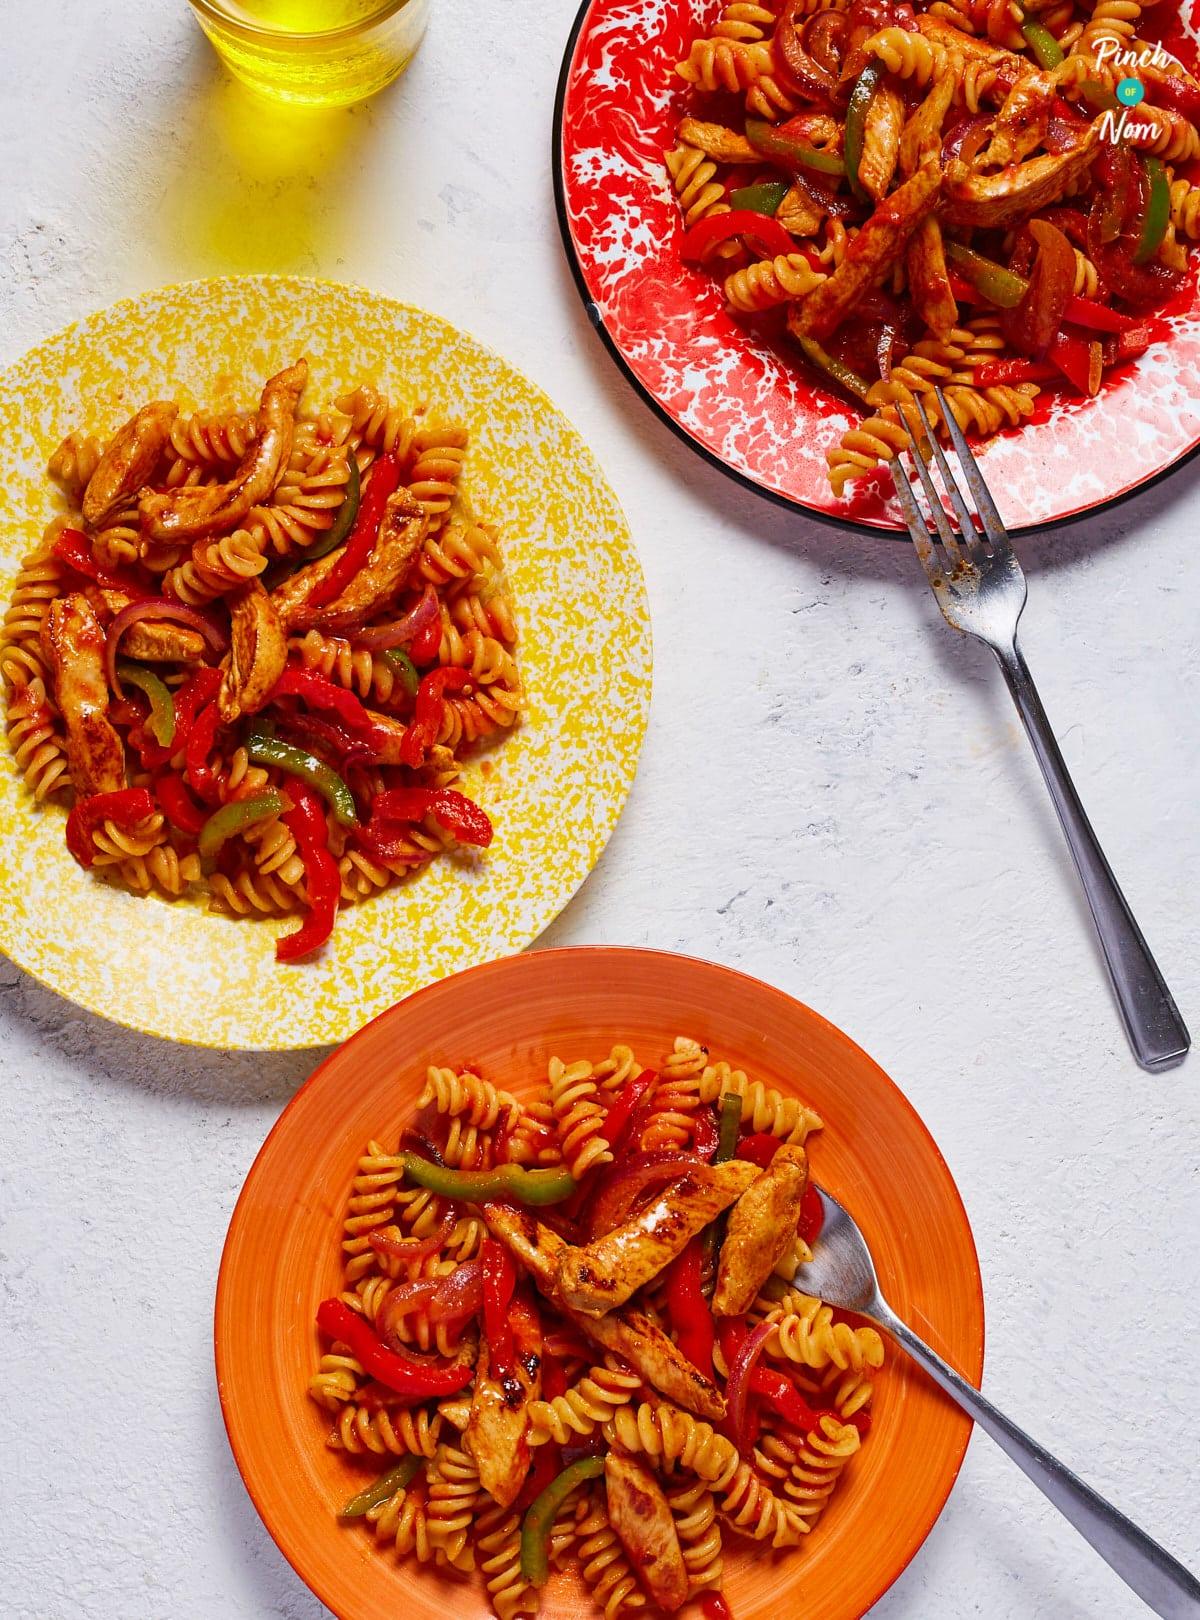 Chicken Fajita Pasta - Pinch of Nom Slimming Recipes